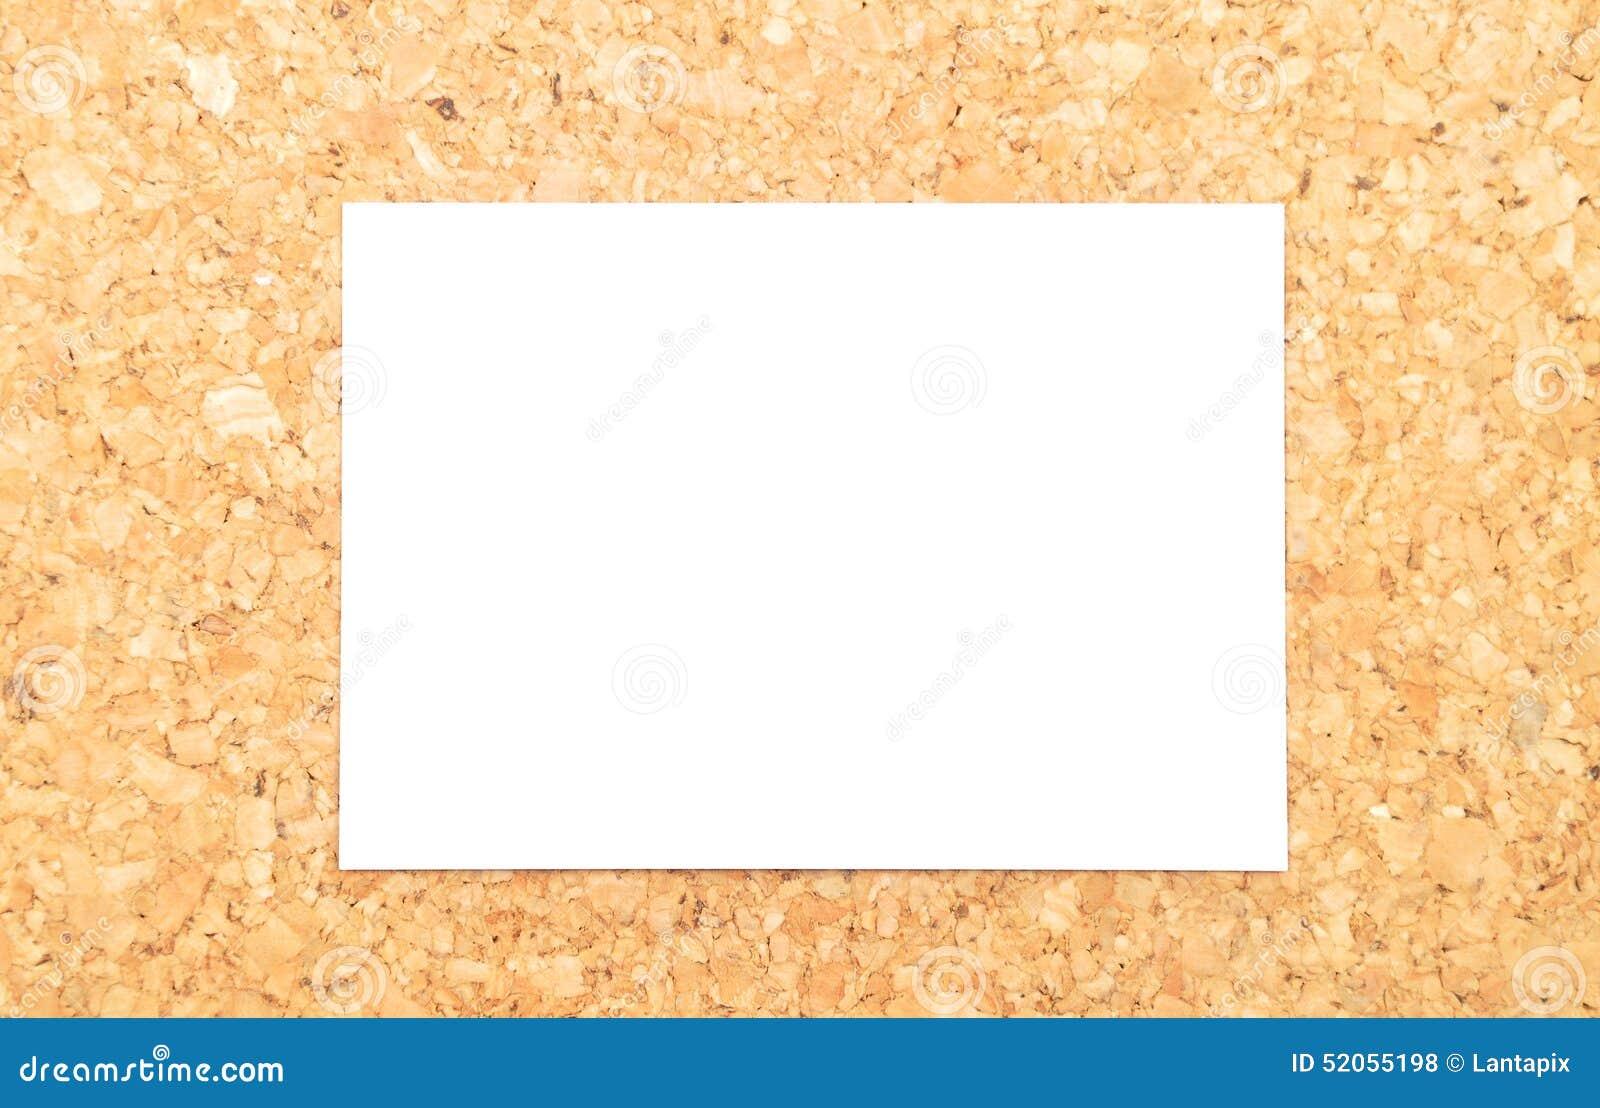 Feuille de papier sur le liège